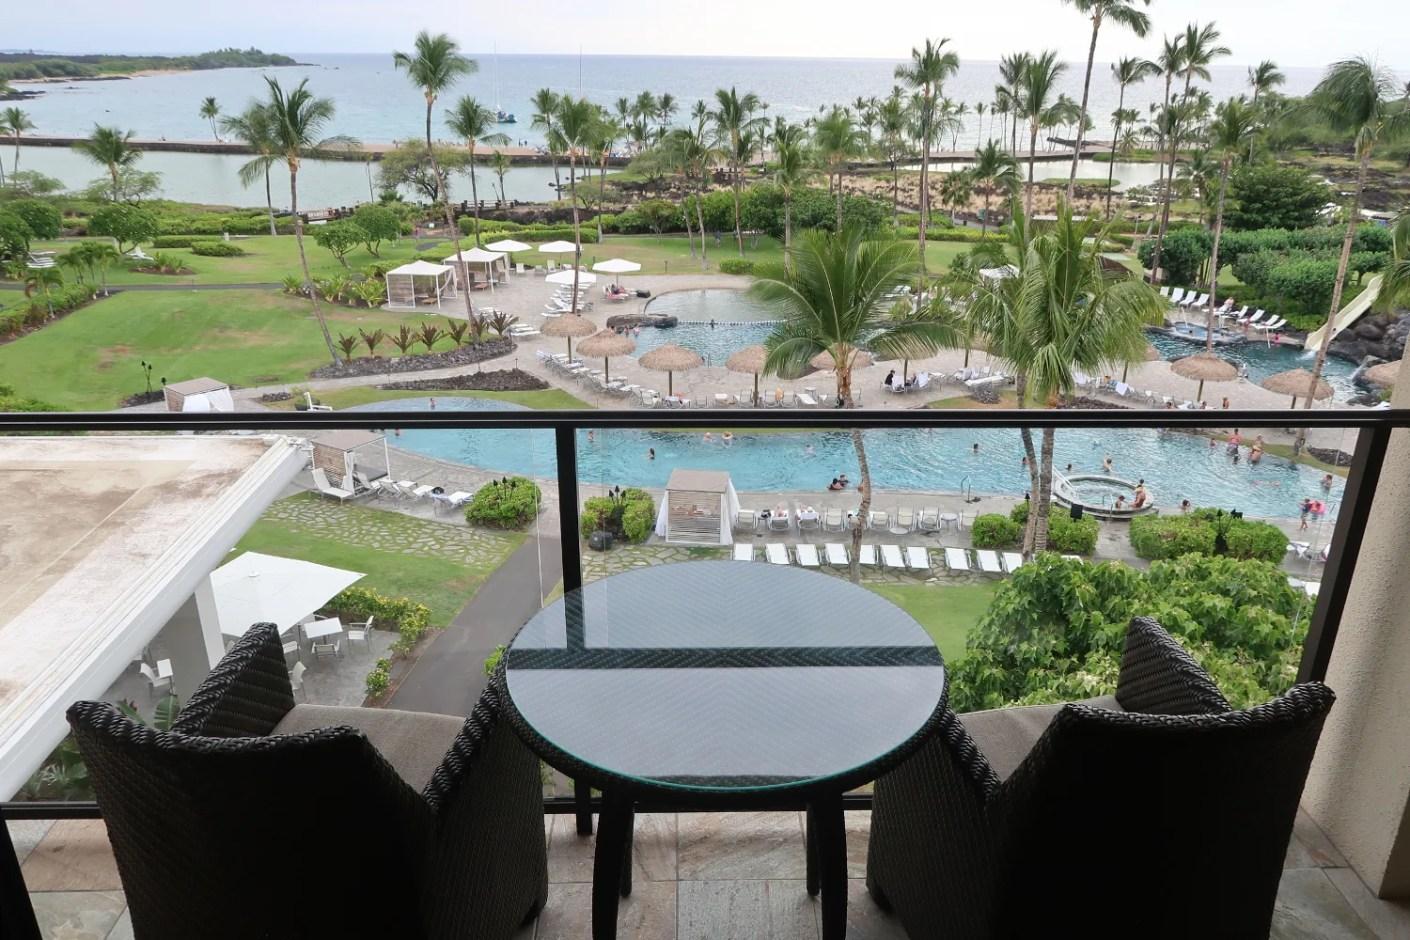 A Review of the Waikoloa Beach Marriott Resort, Hawaii